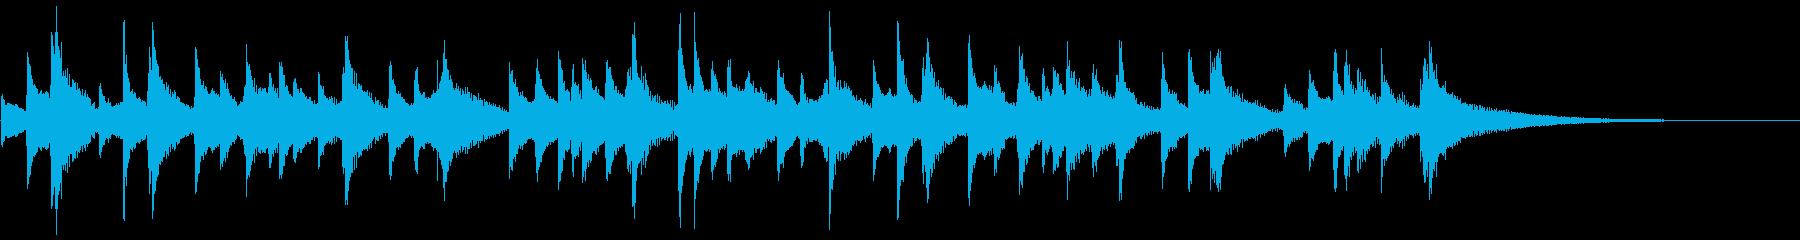 琴のシンプルな独奏の再生済みの波形